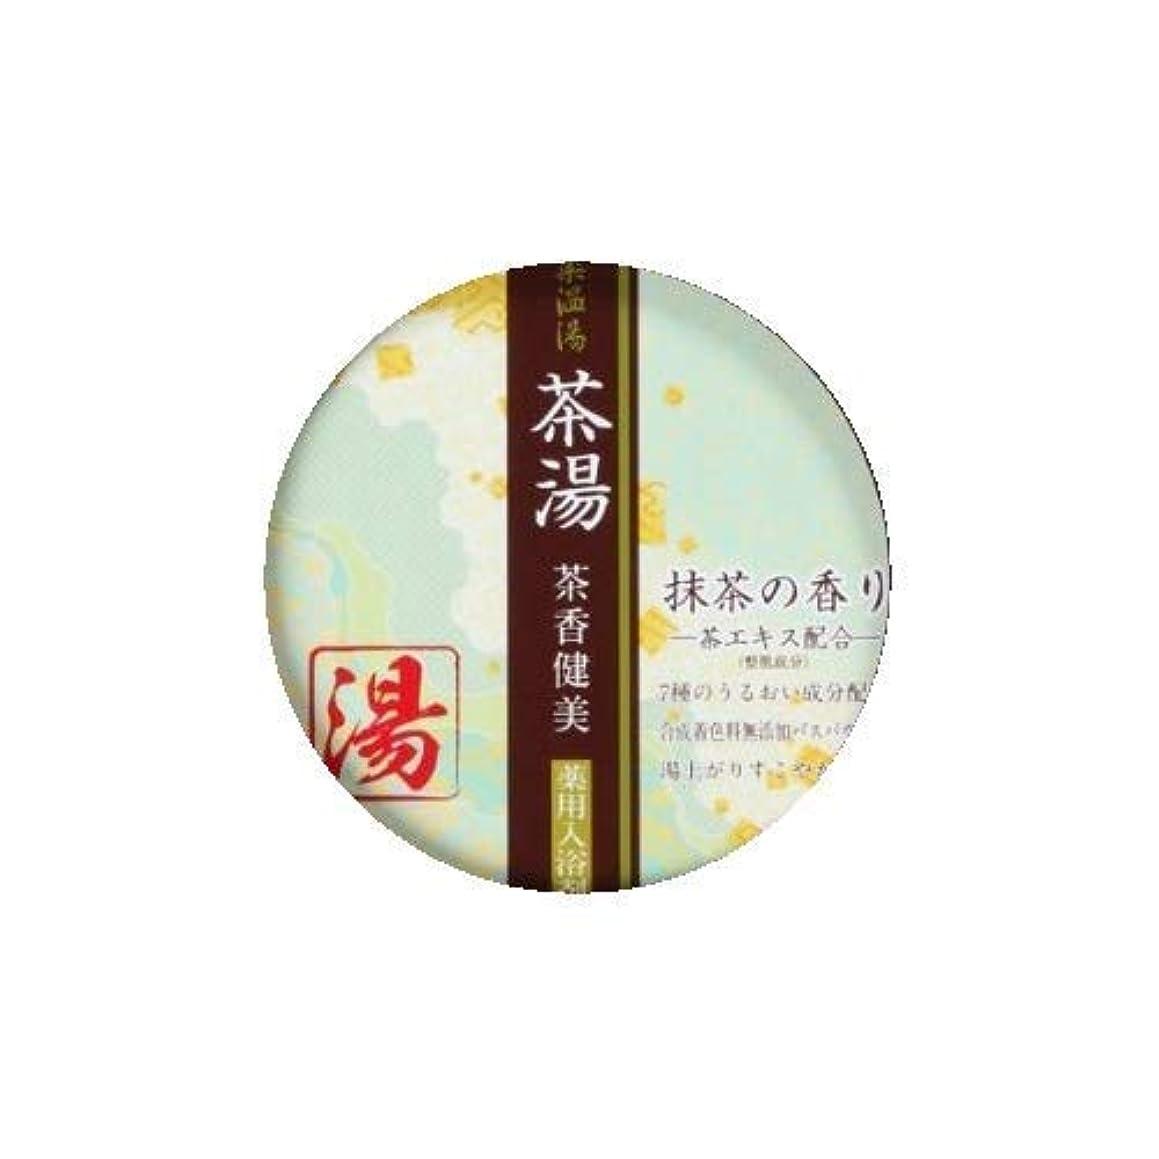 大量昼間朝ごはん薬温湯 茶湯 入浴料 抹茶の香り POF-10M